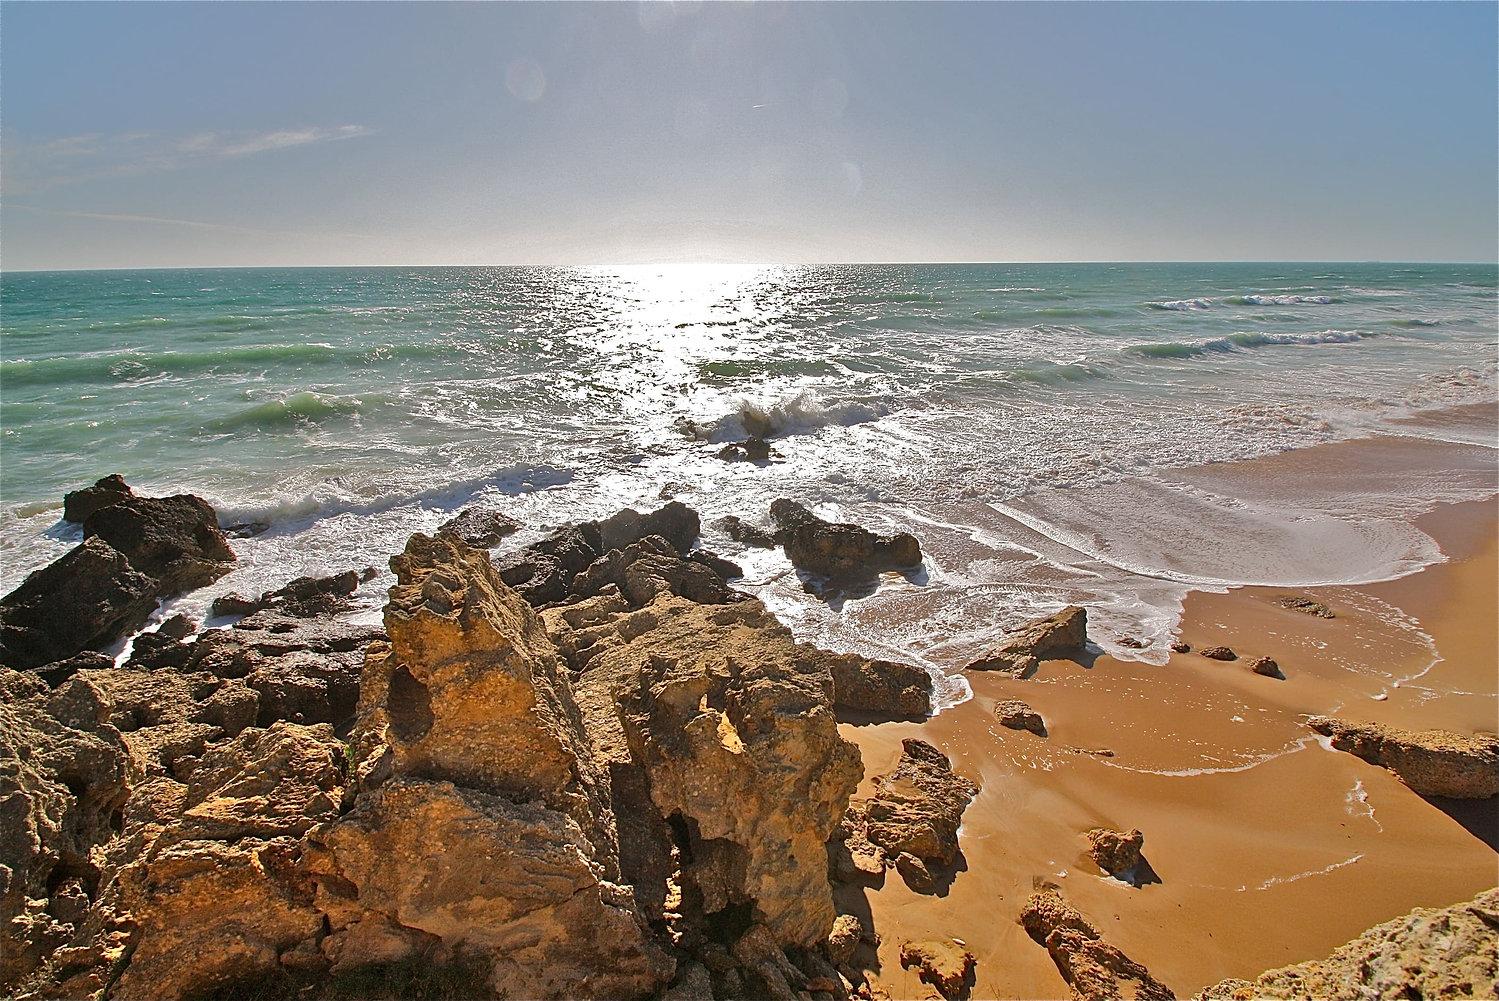 cove-beach-atlantic-roche-refv40.jpeg